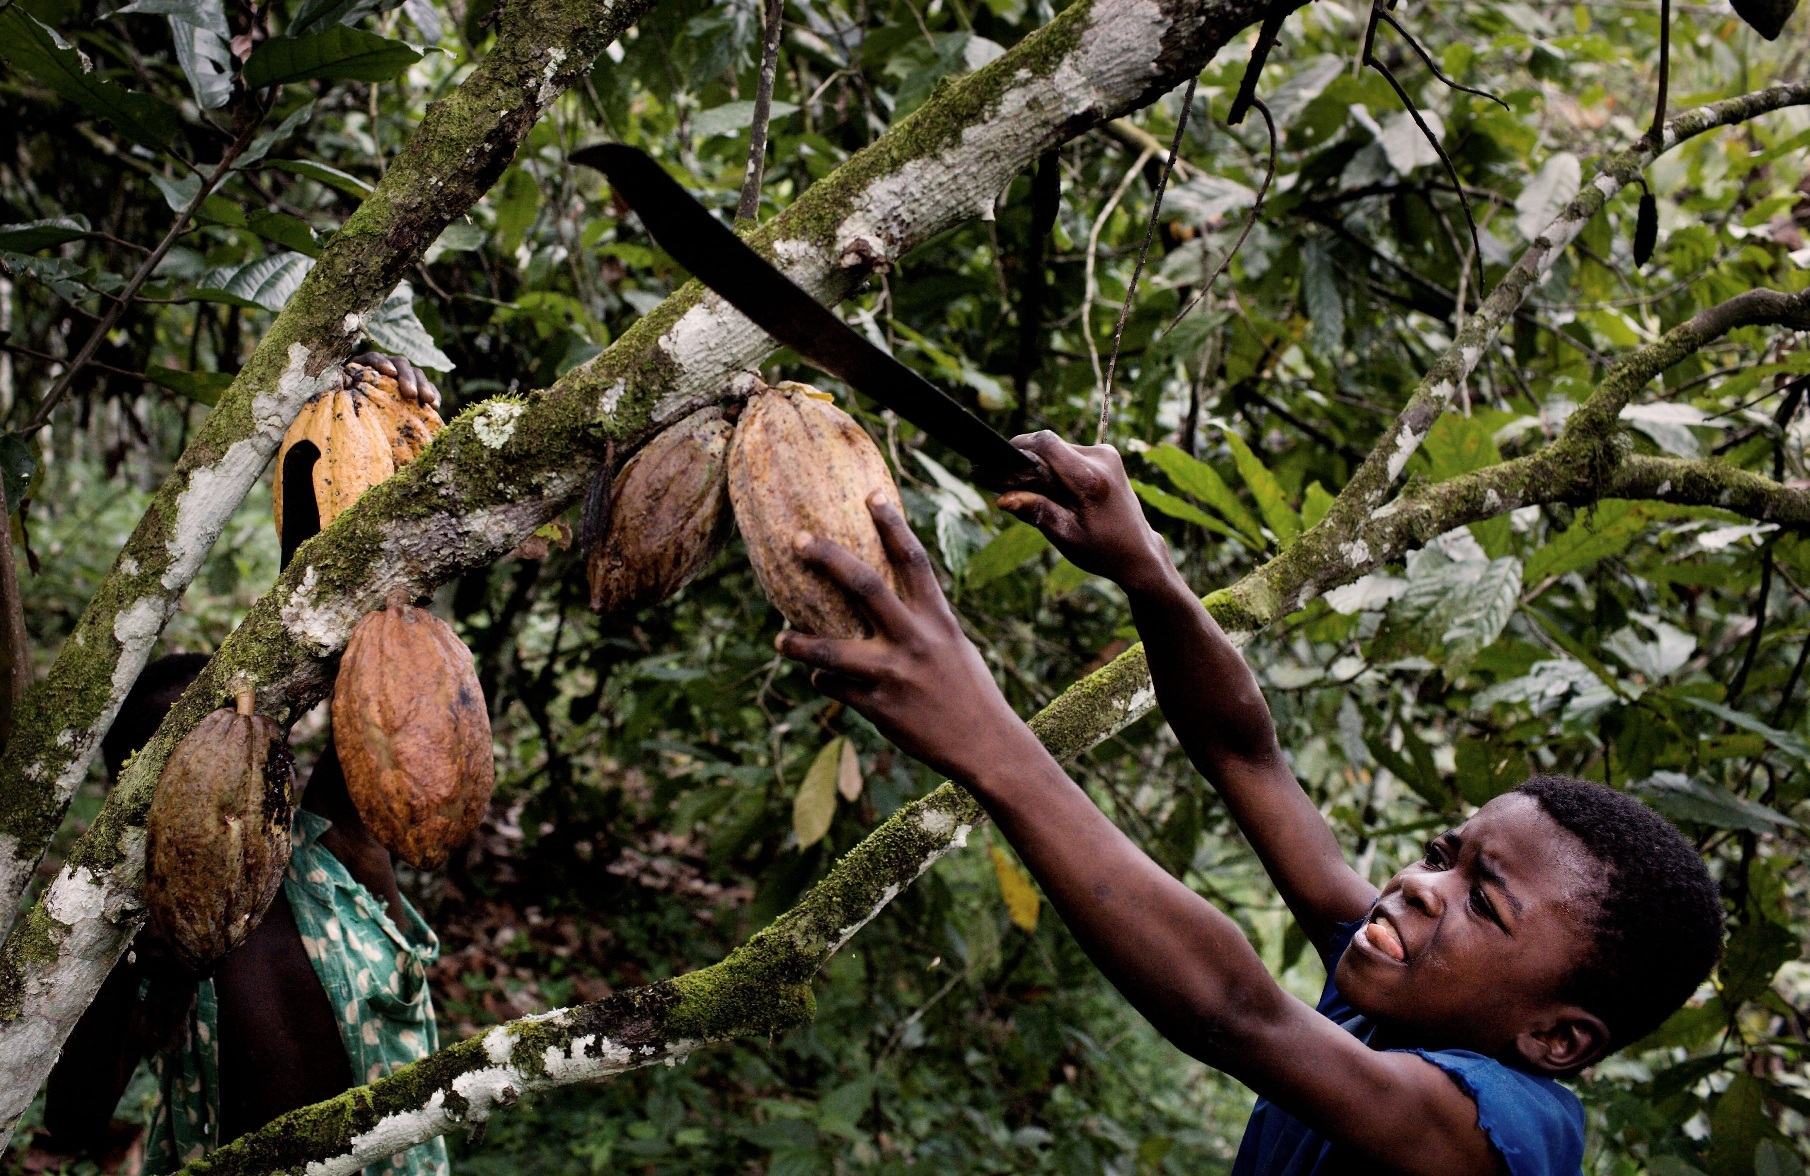 exportation plan cacao Tableau 4 recettes à l'exportation tirées du cacao, part en pourcentage du total des exportations par pays, 1971-1997 25 chapitre 4.